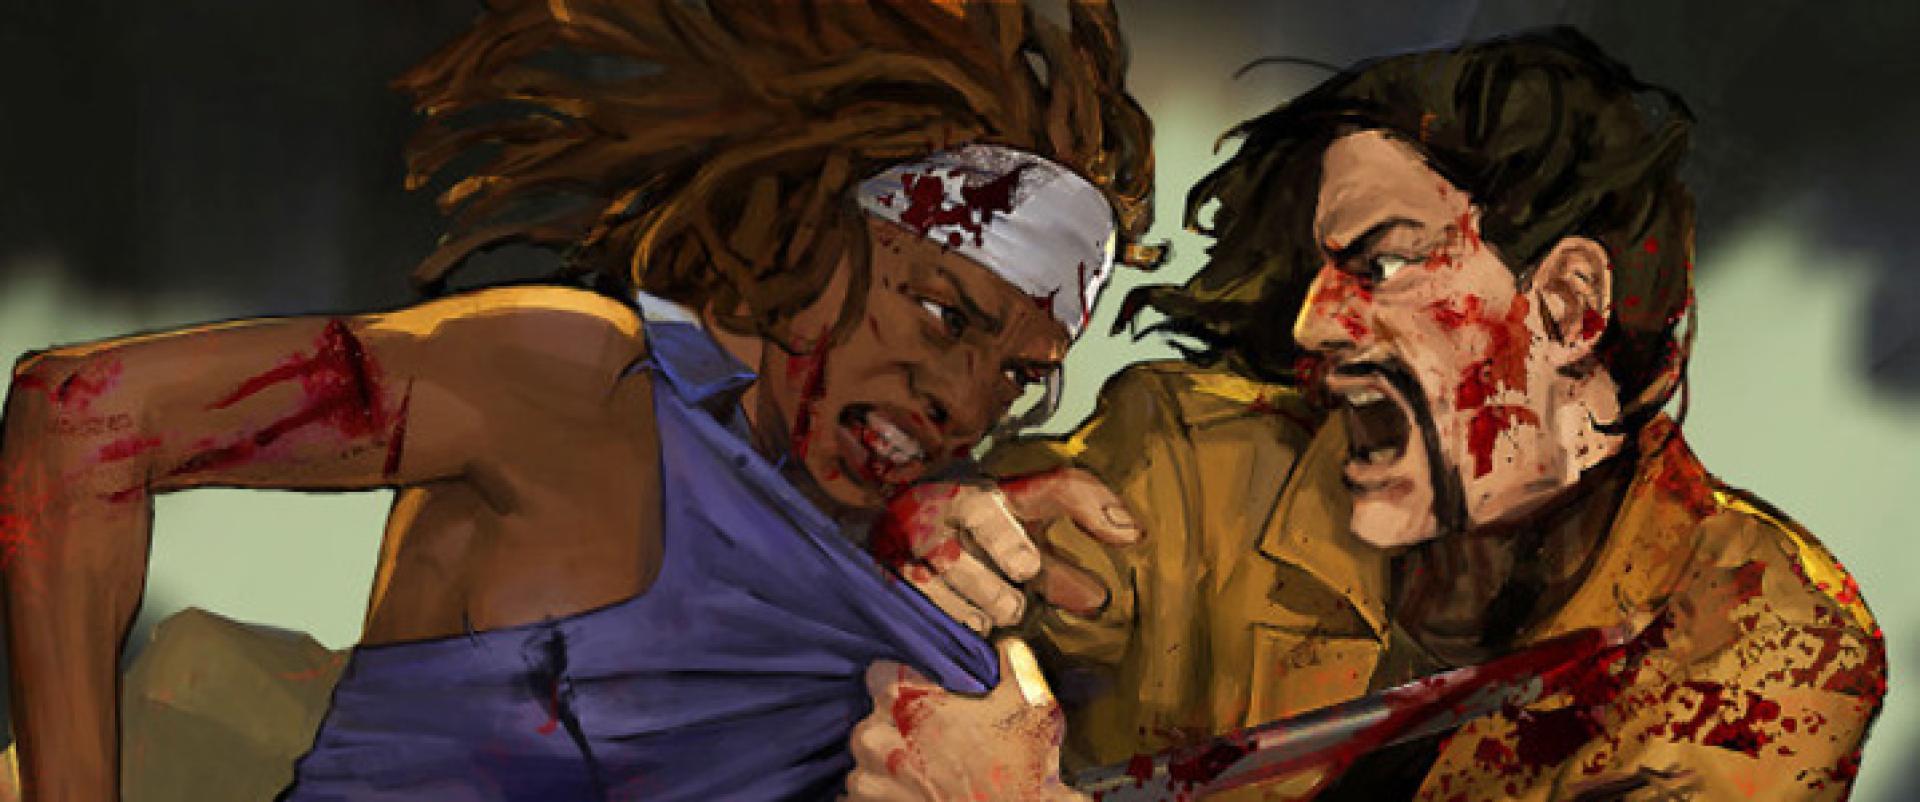 The Walking Dead: Road to Survival - ingyenes játék!